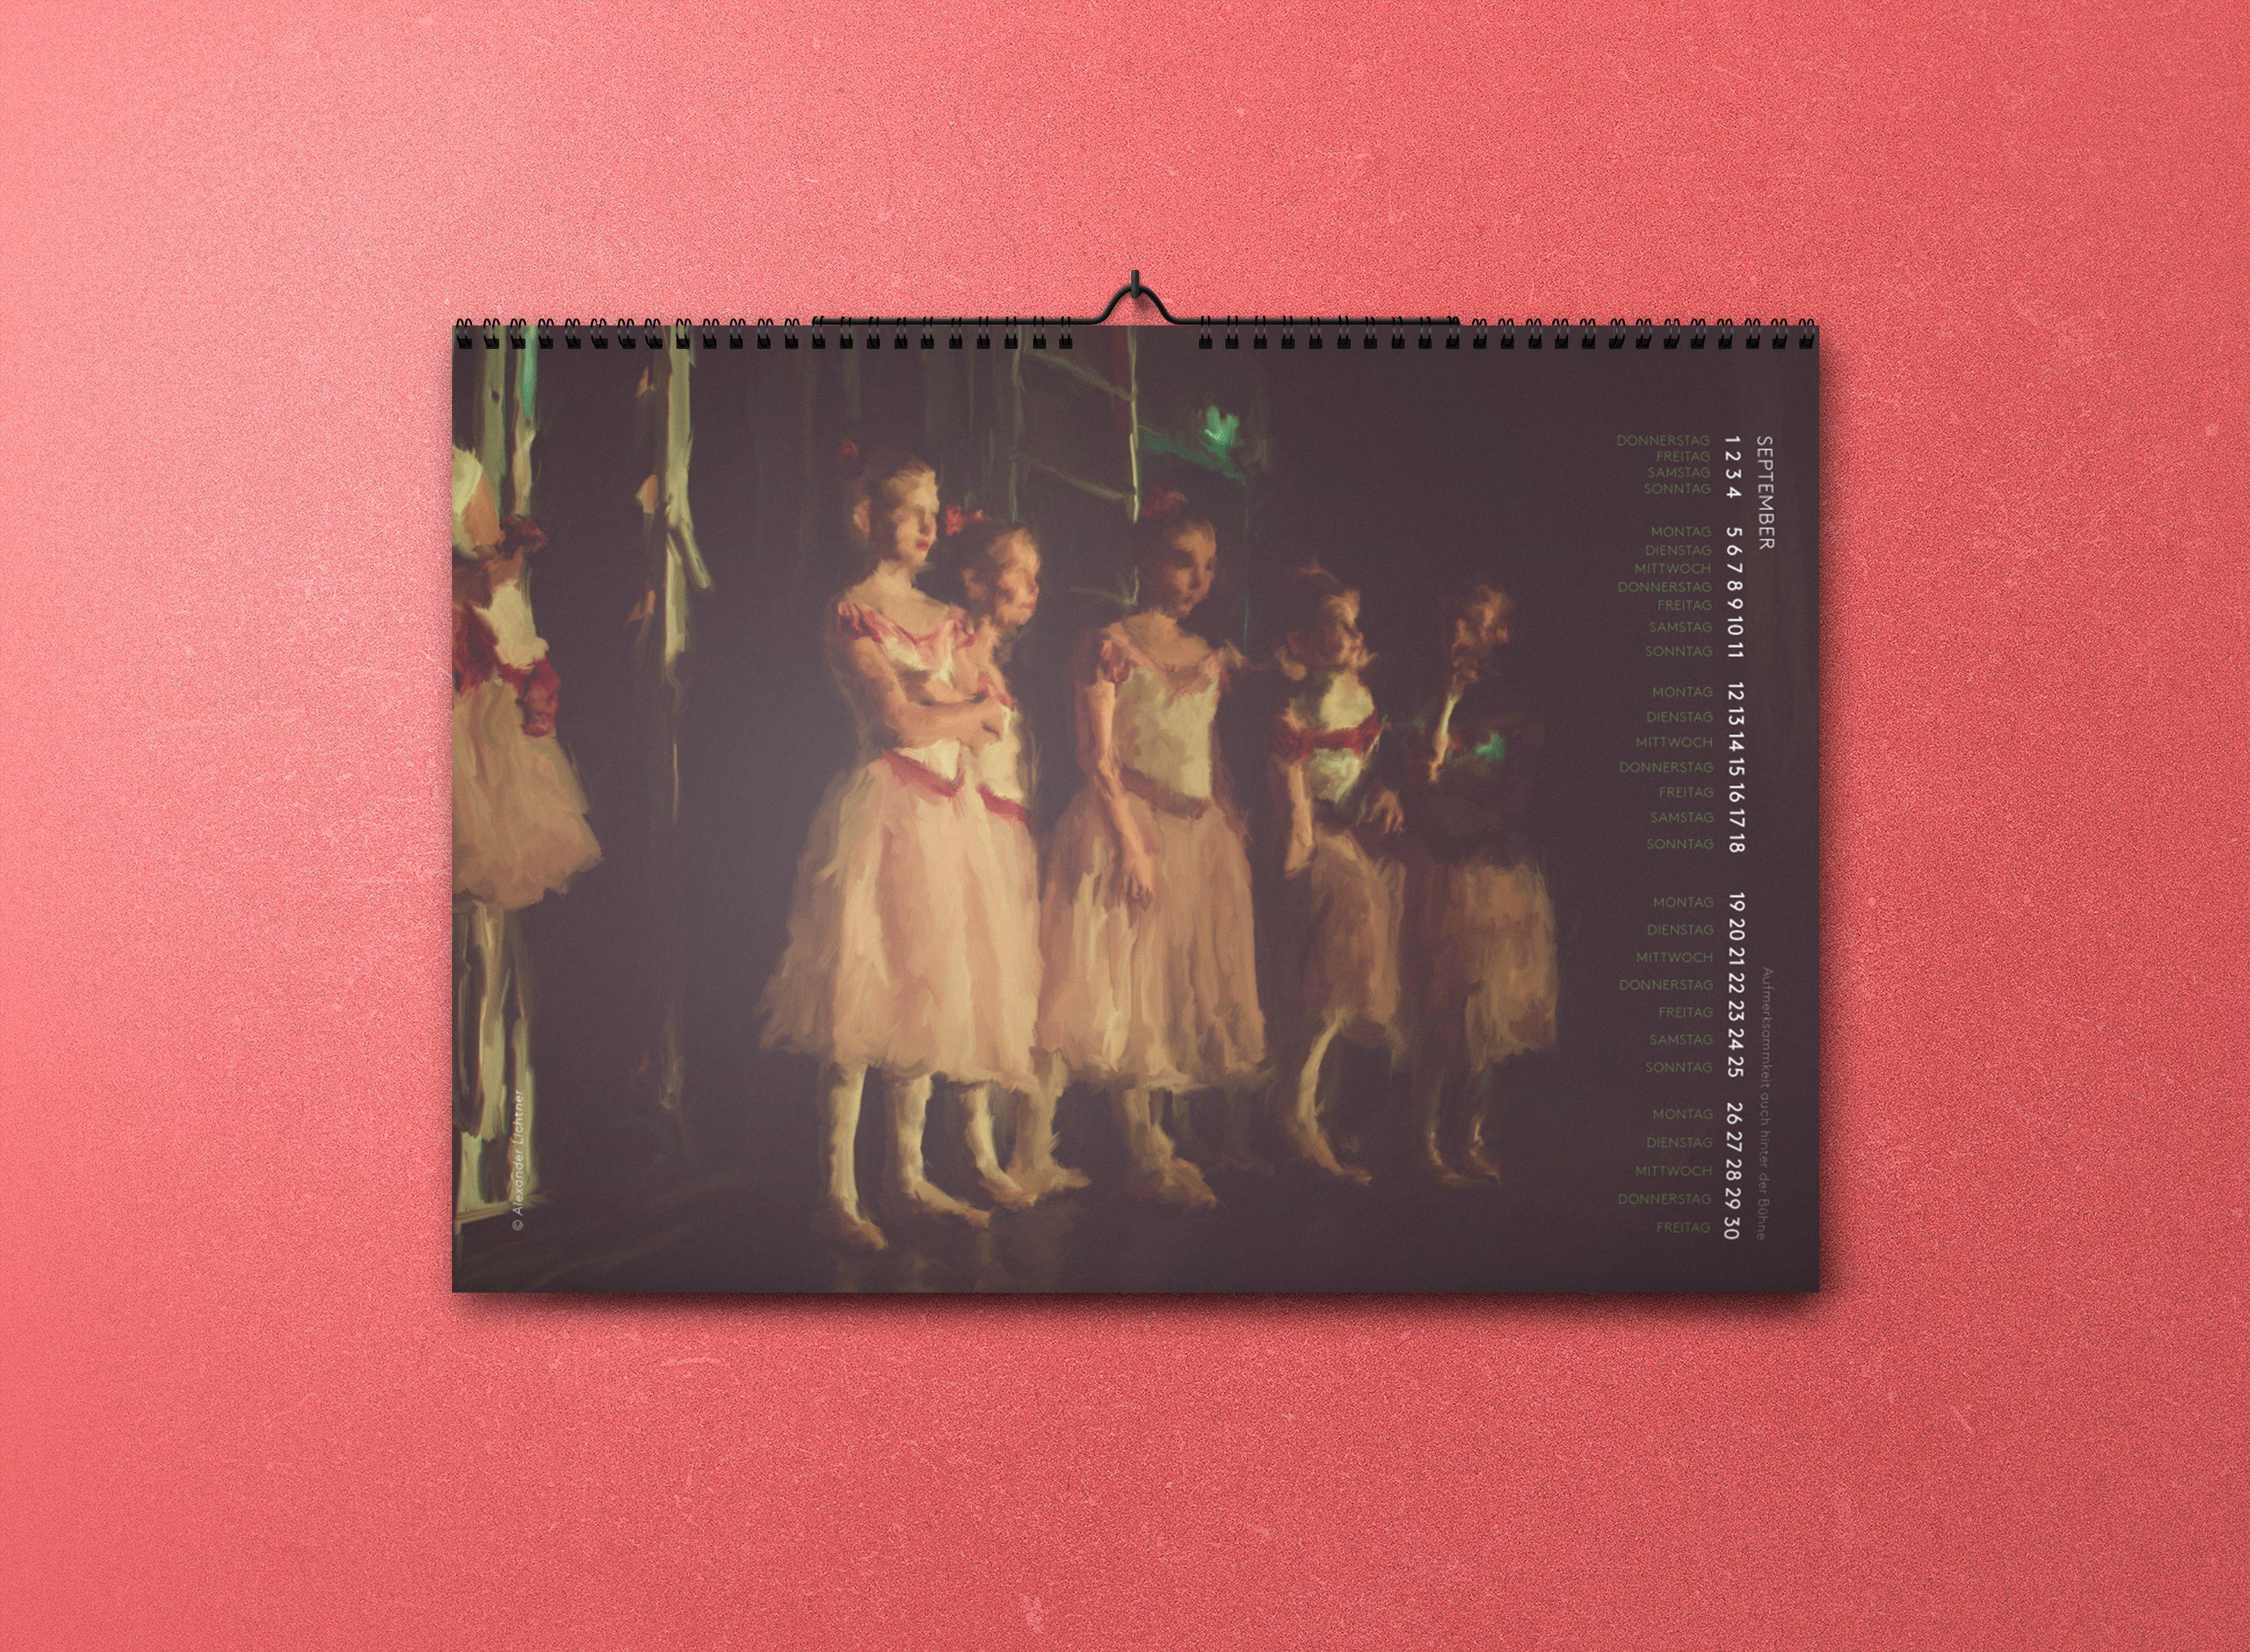 Ballett Malerei Kalender 2016 #ballett #calendar #dance #edgardegas You can buy here: http://www.alexanderlichtner.com/produkt/ballett-kalender-2016/